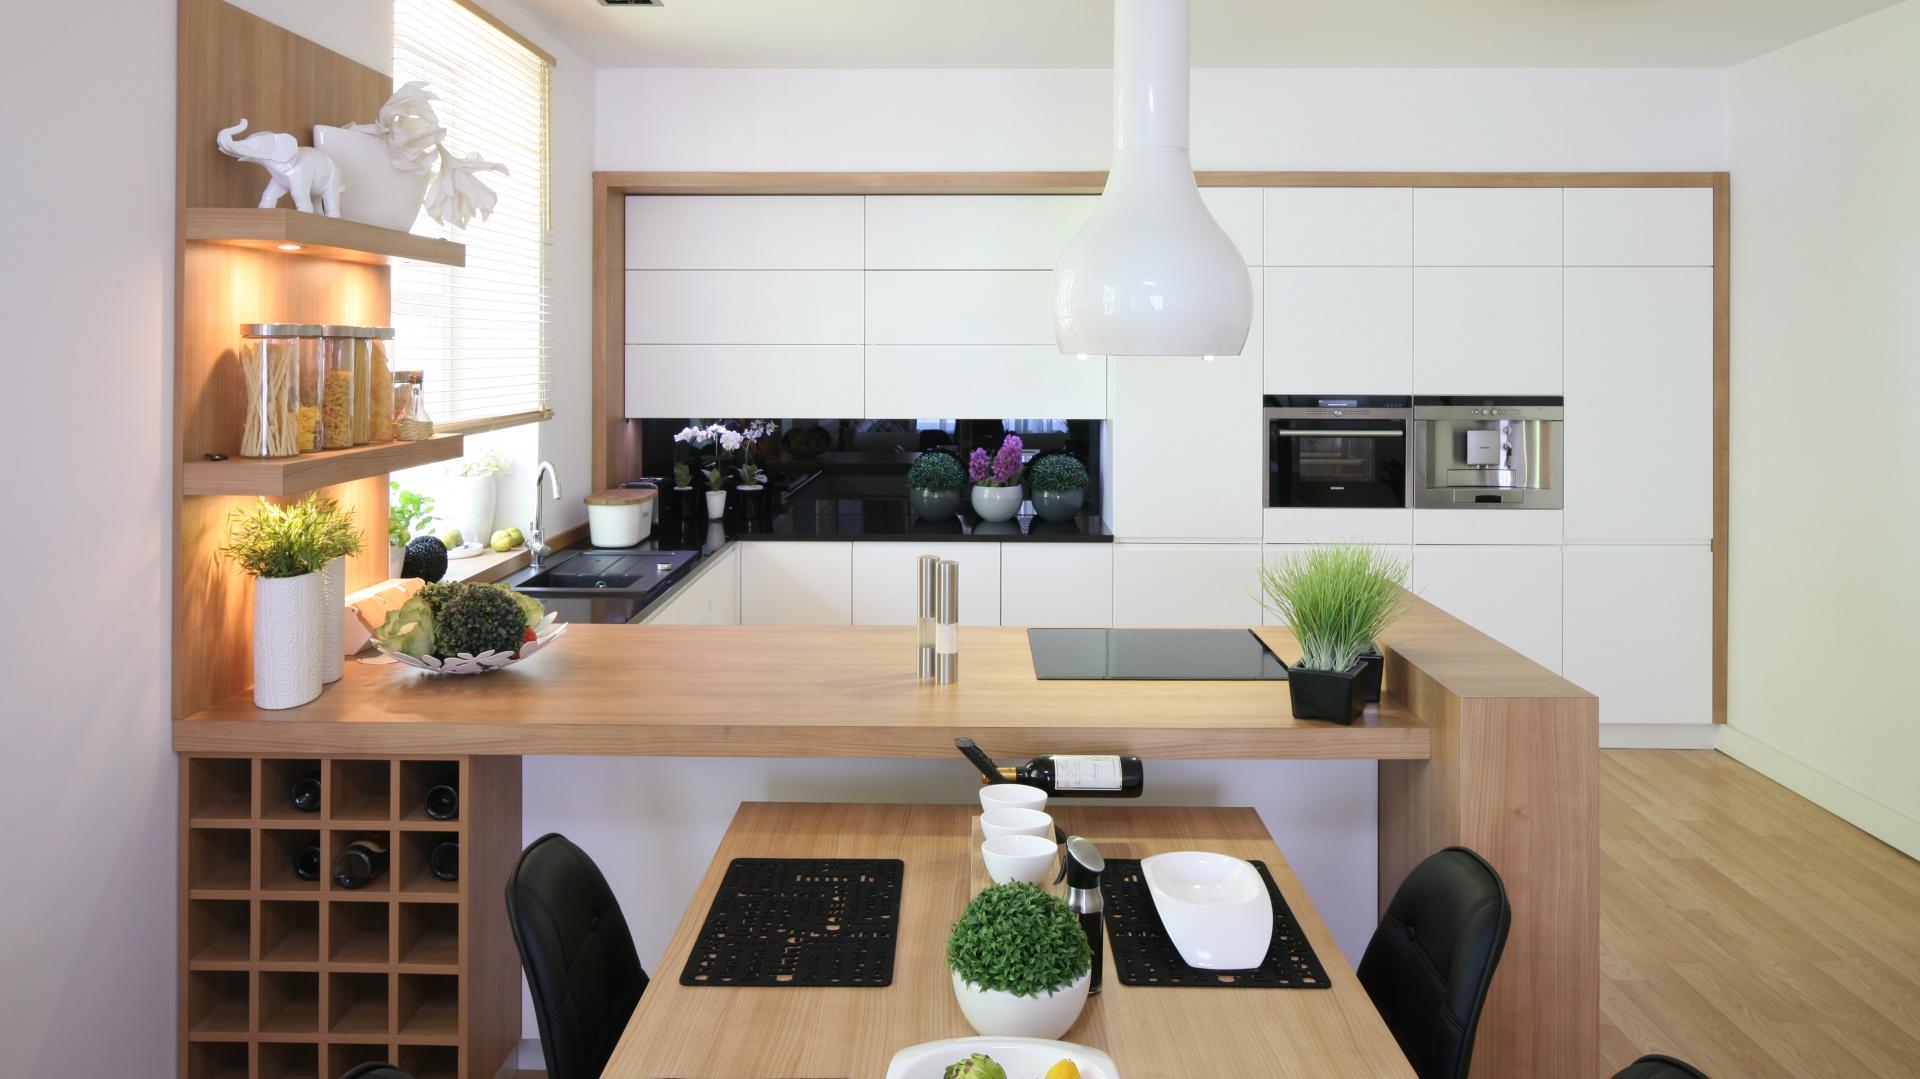 Biały kolor optycznie powiększa wnętrze. Wokół obudowy zastosowano estetyczne obramowanie w kolorze dominującego w przestrzeni drewna. Projekt: Małgorzata Błaszczak. Fot. Bartosz Jarosz.